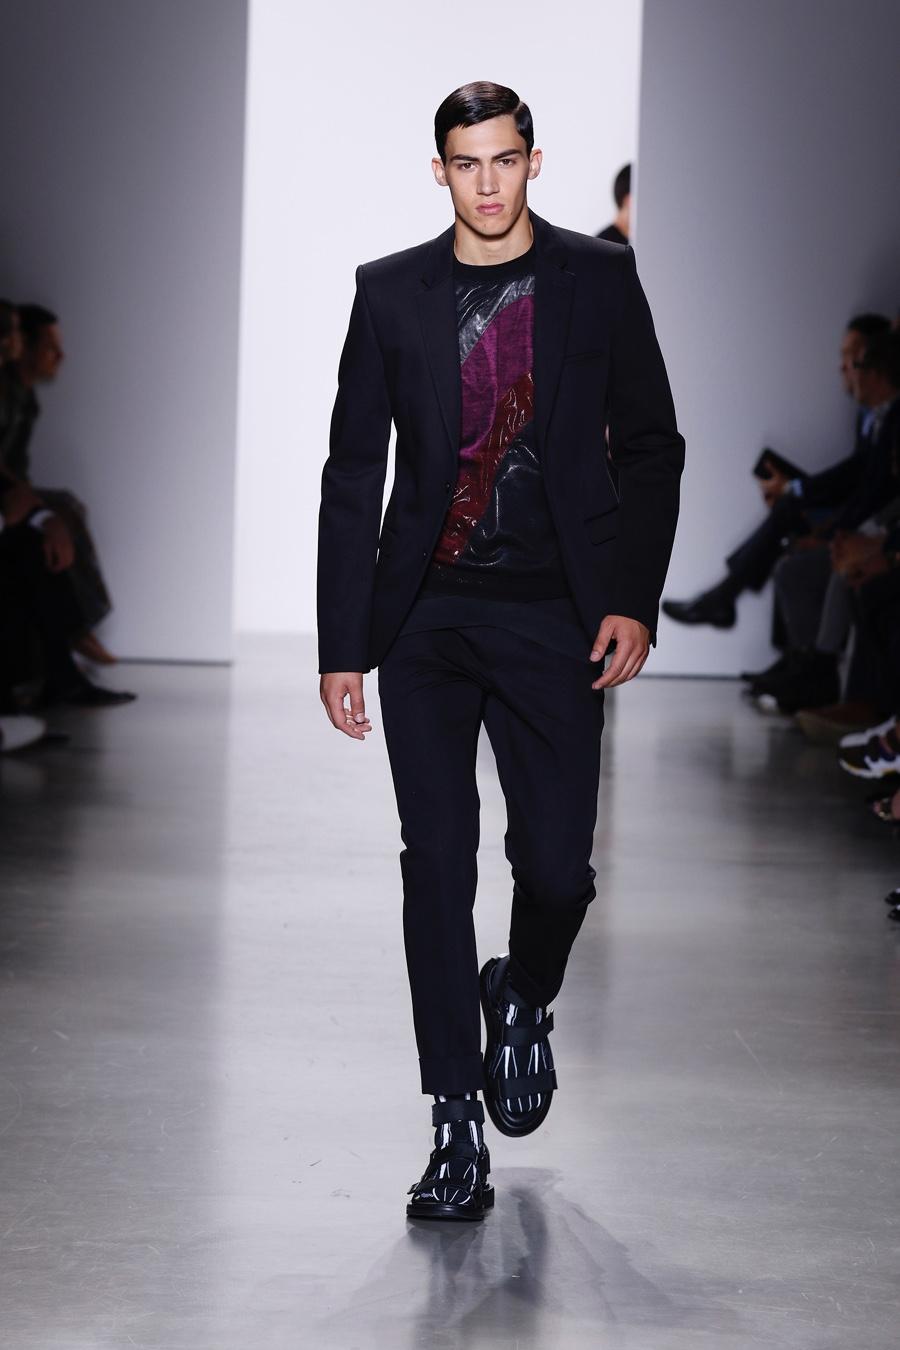 Calvin Klein at The Milan Fashion Week